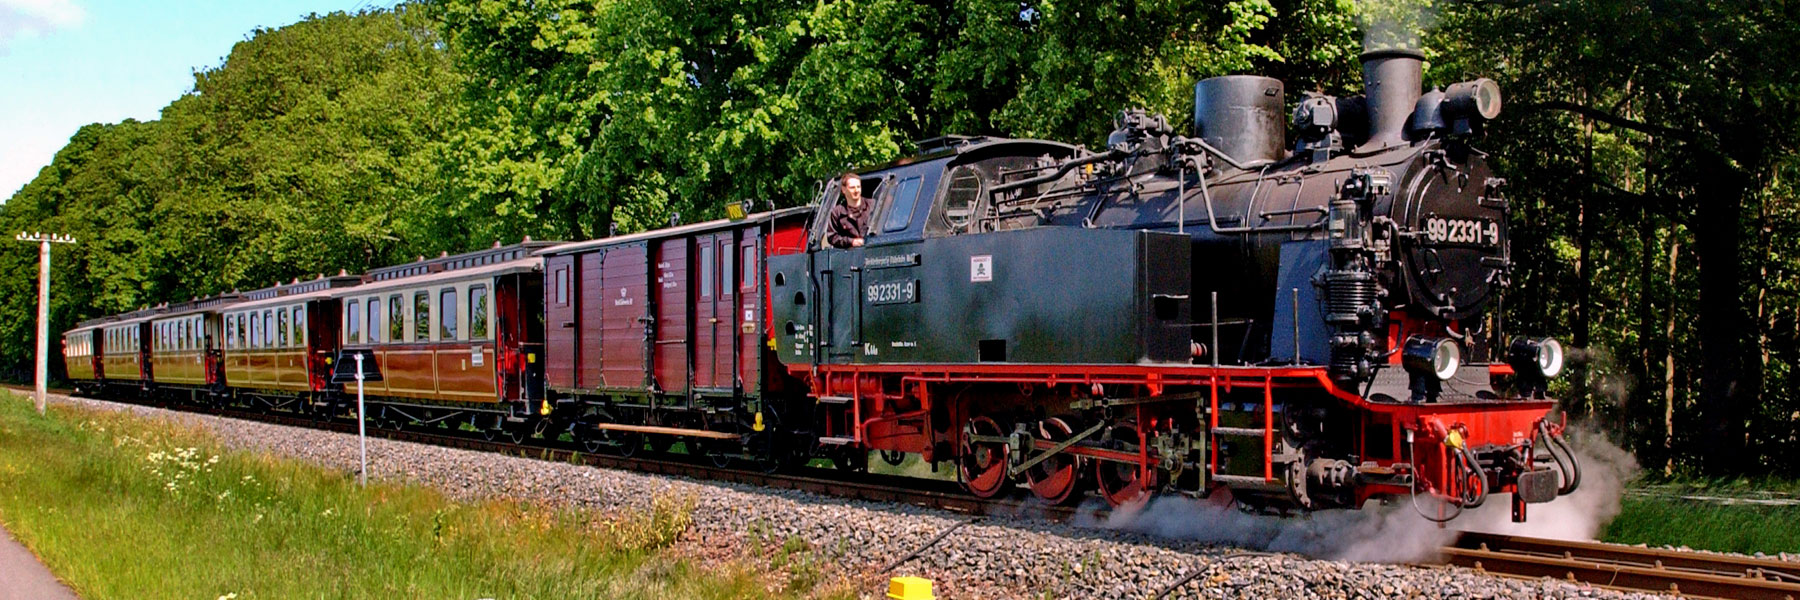 Traditionsbahn Molly - Reiseleiter Schröder